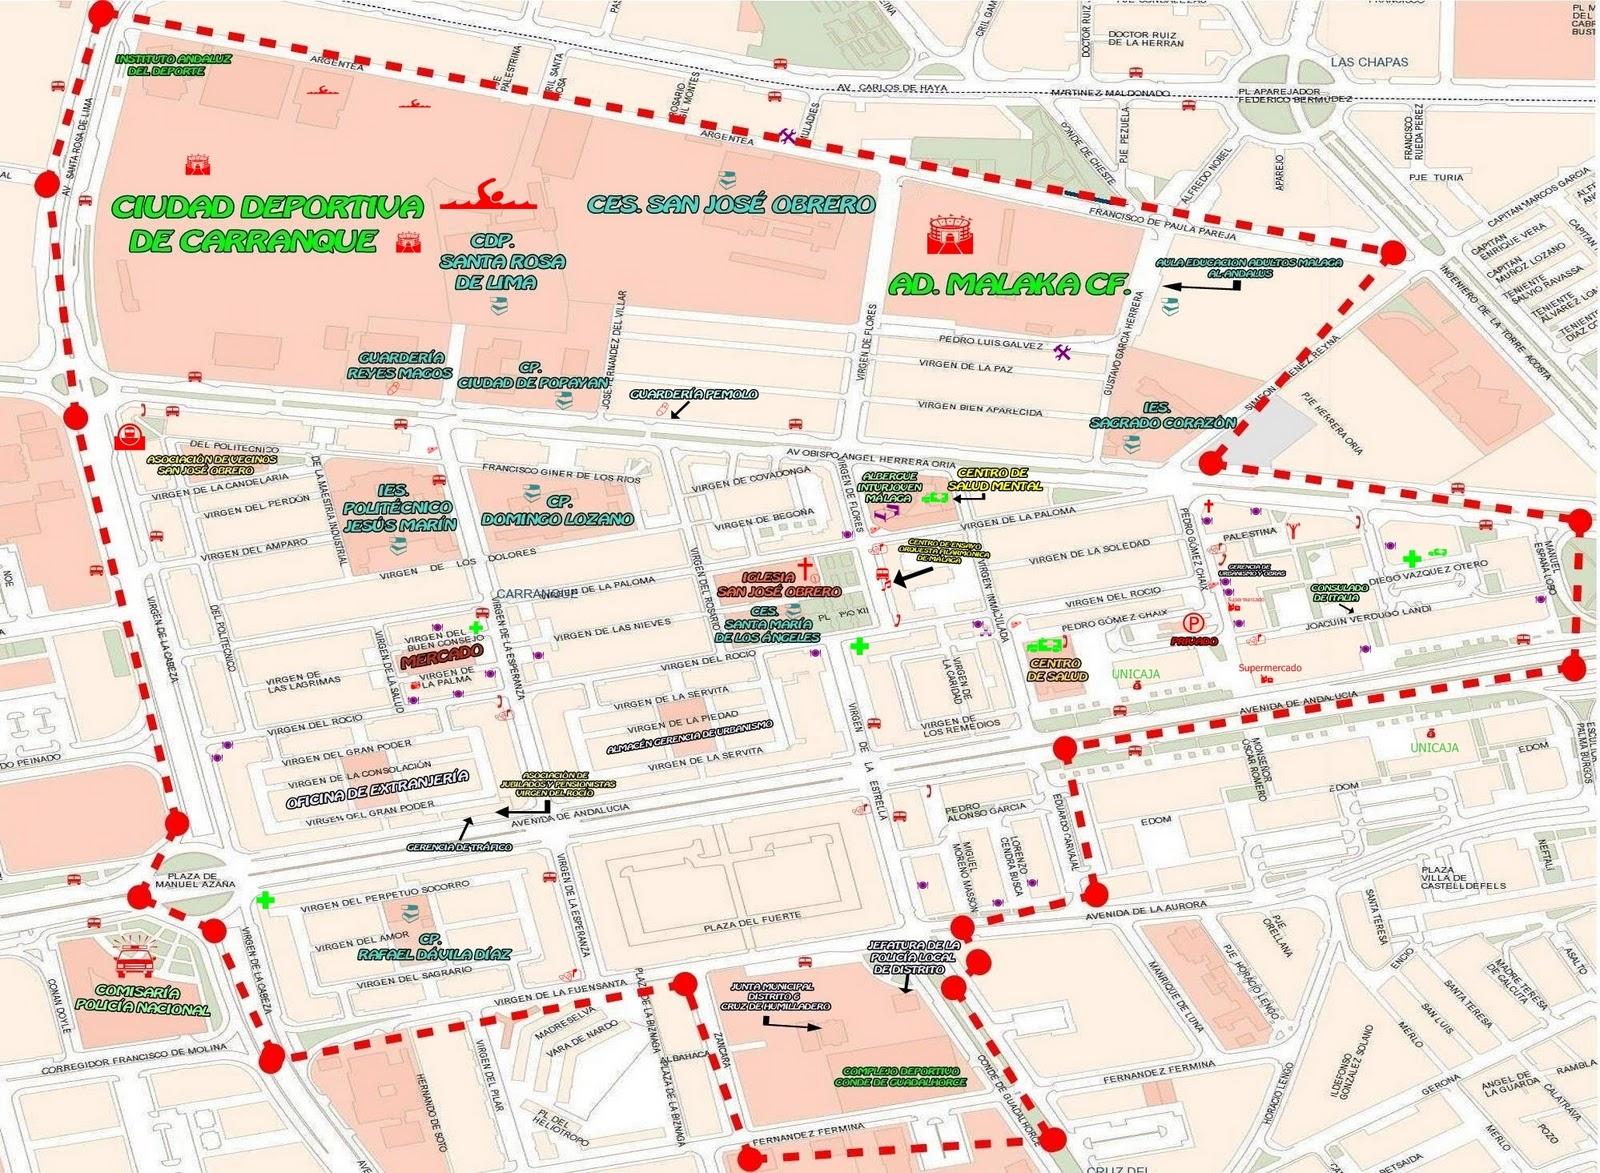 Mapa De Malaga Capital Por Barrios.Mapas Barriada Carranque